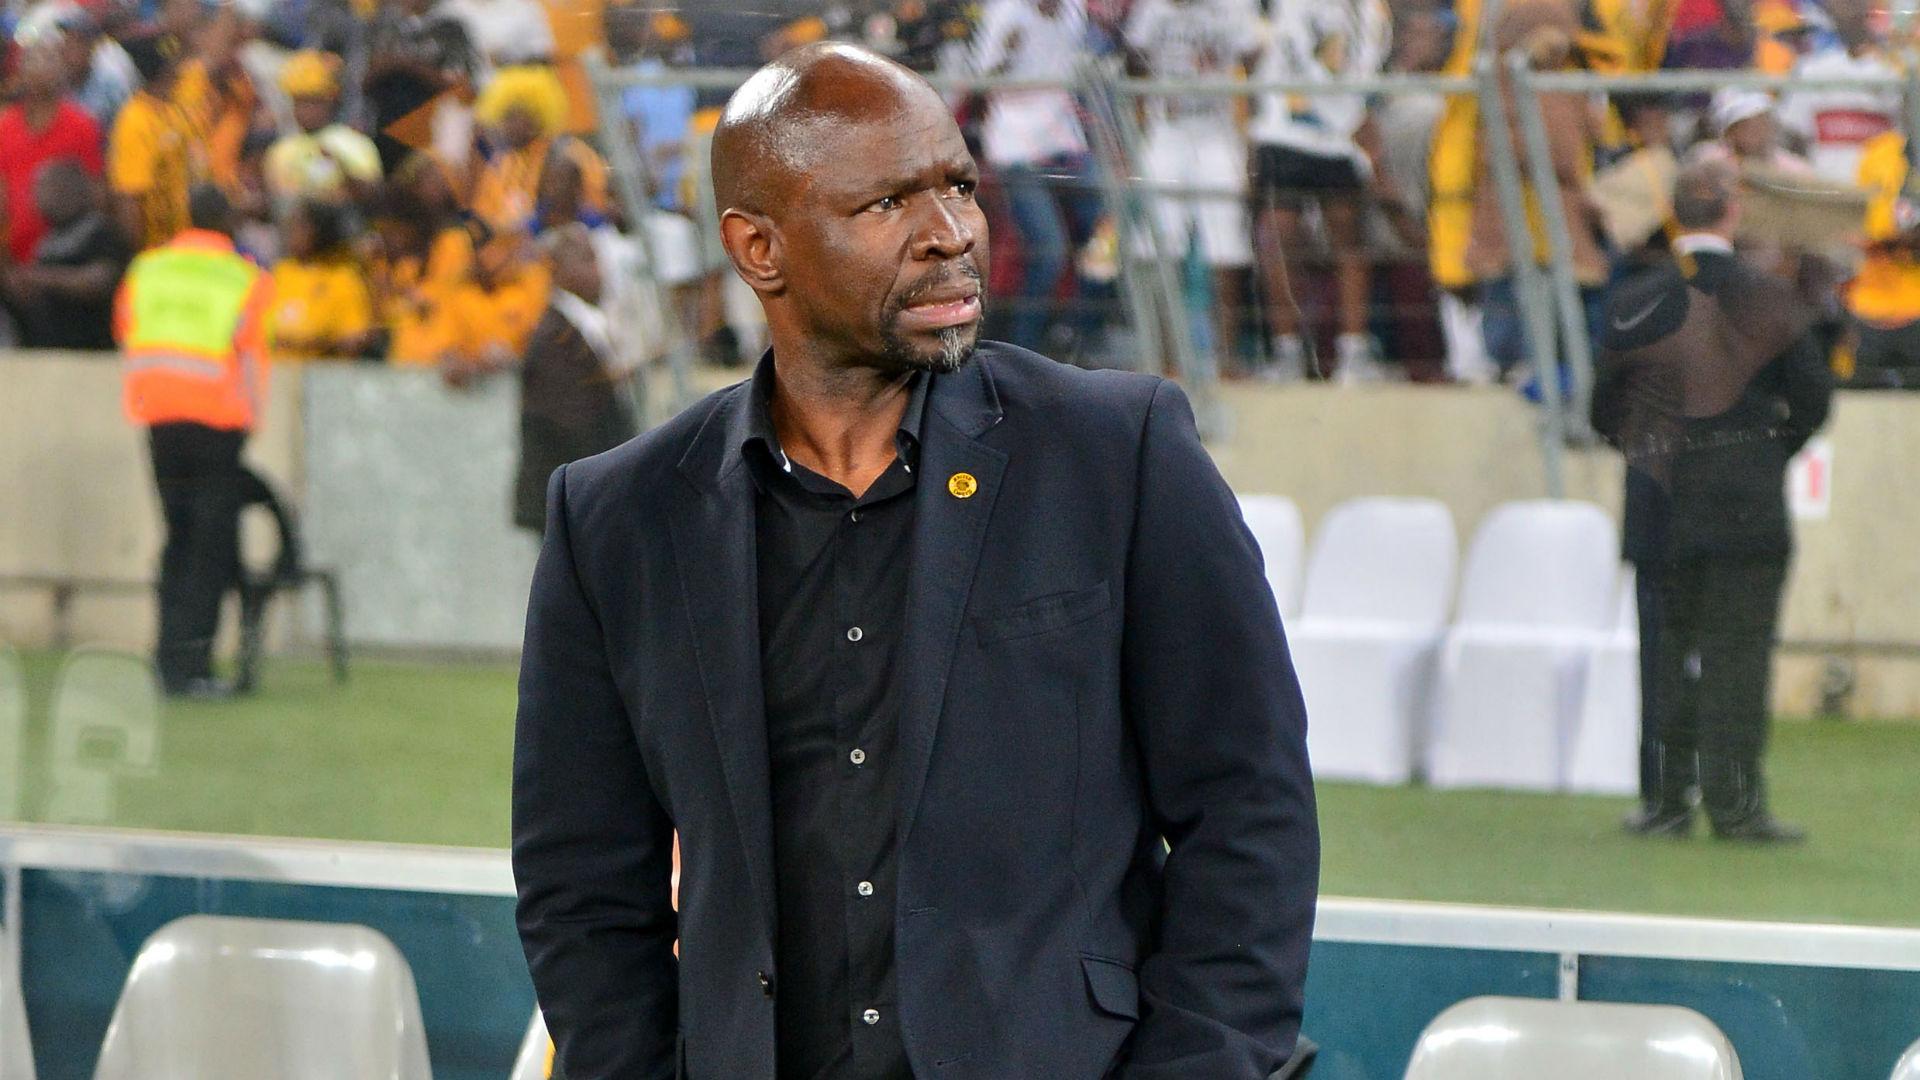 I'm joining Mamelodi Sundowns as senior coach - Komphela